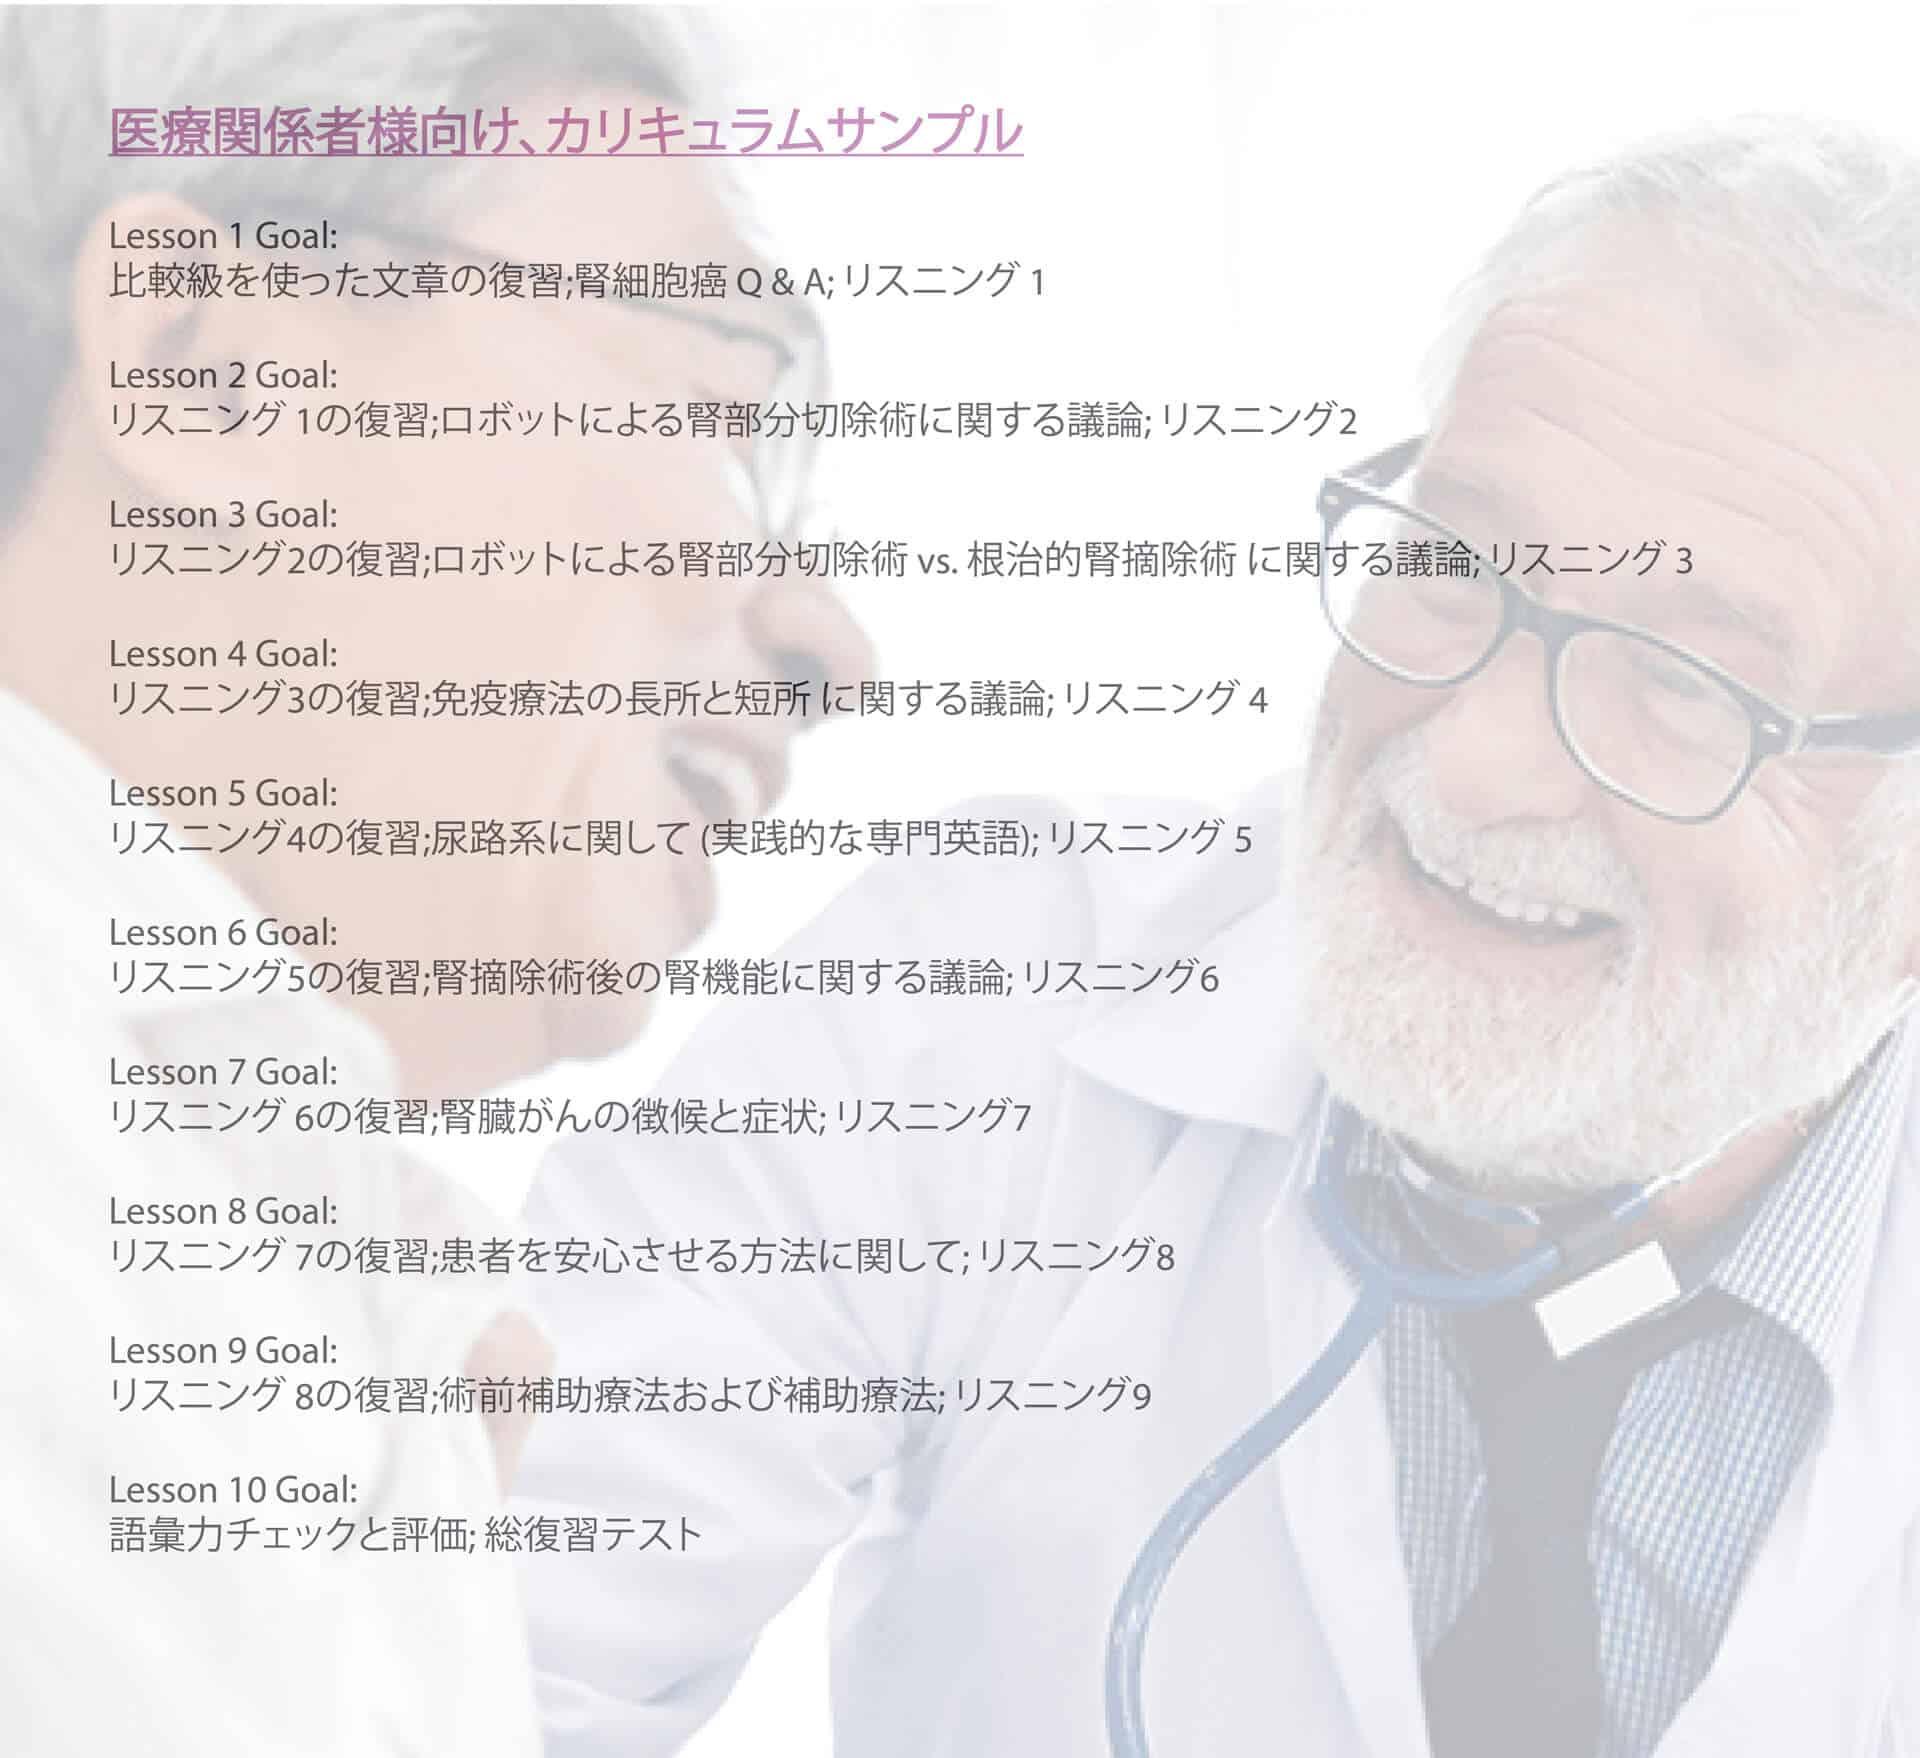 医療専門家リスニングカリキュラム